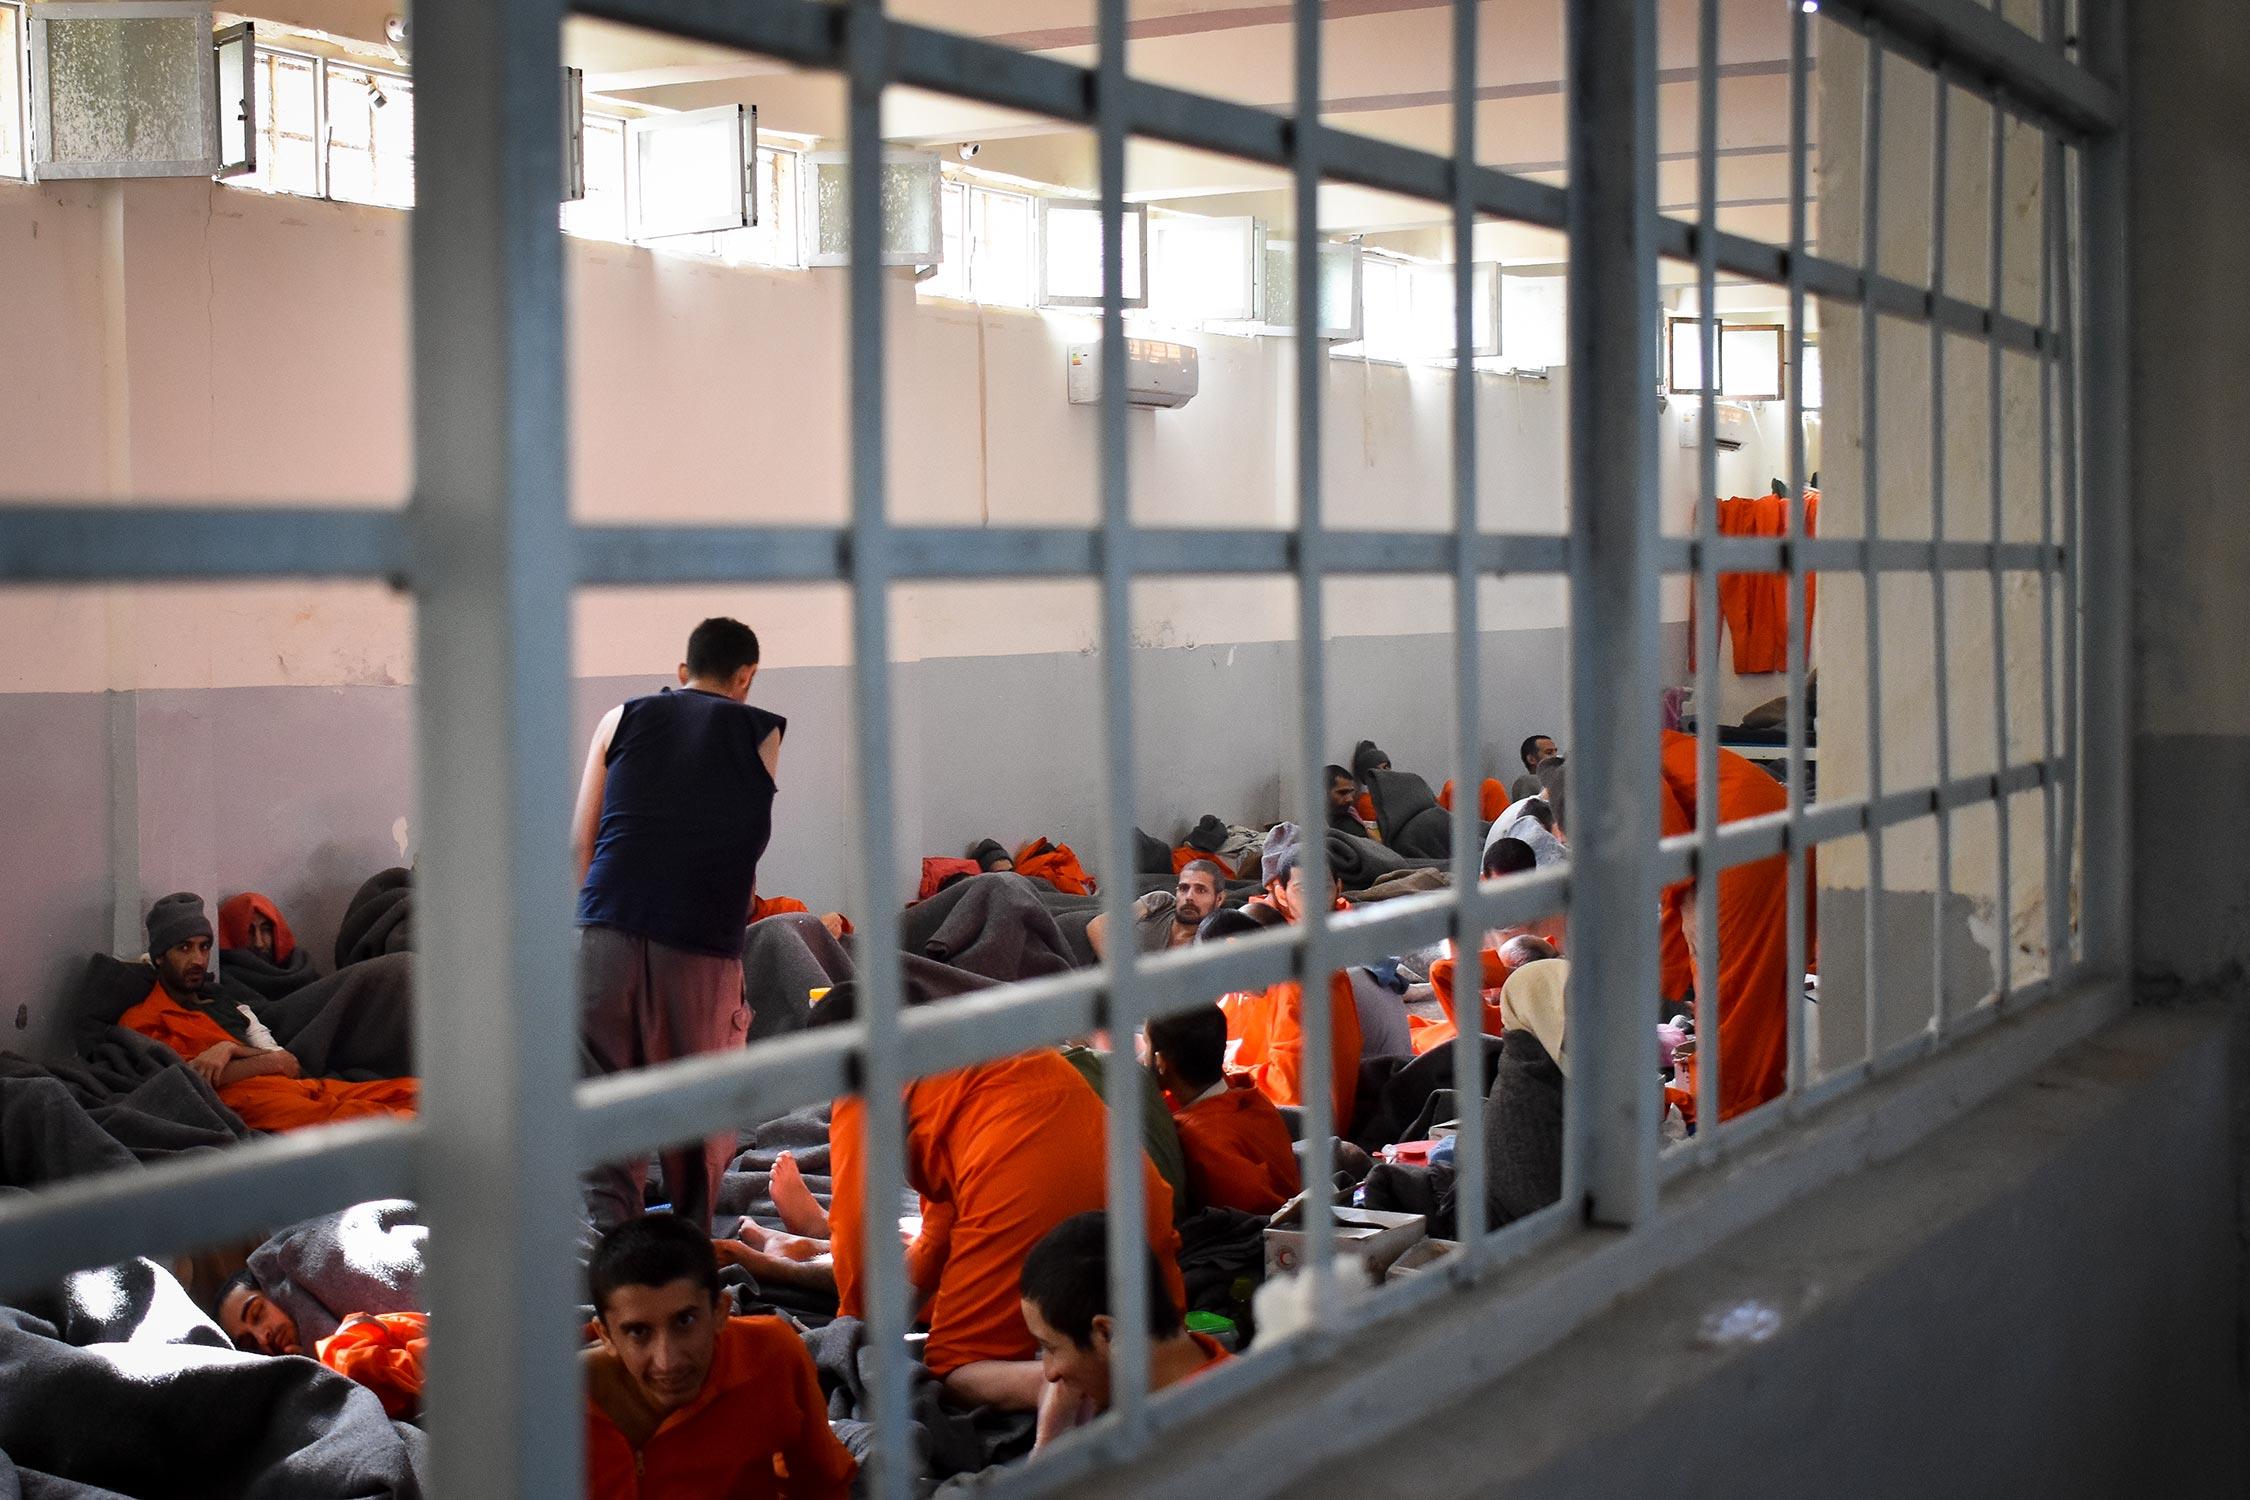 """تجار مخدرات وعناصر في تنظيم الدولة يفرّون من سجن لـ """"قسد"""" شرقي سوريا"""